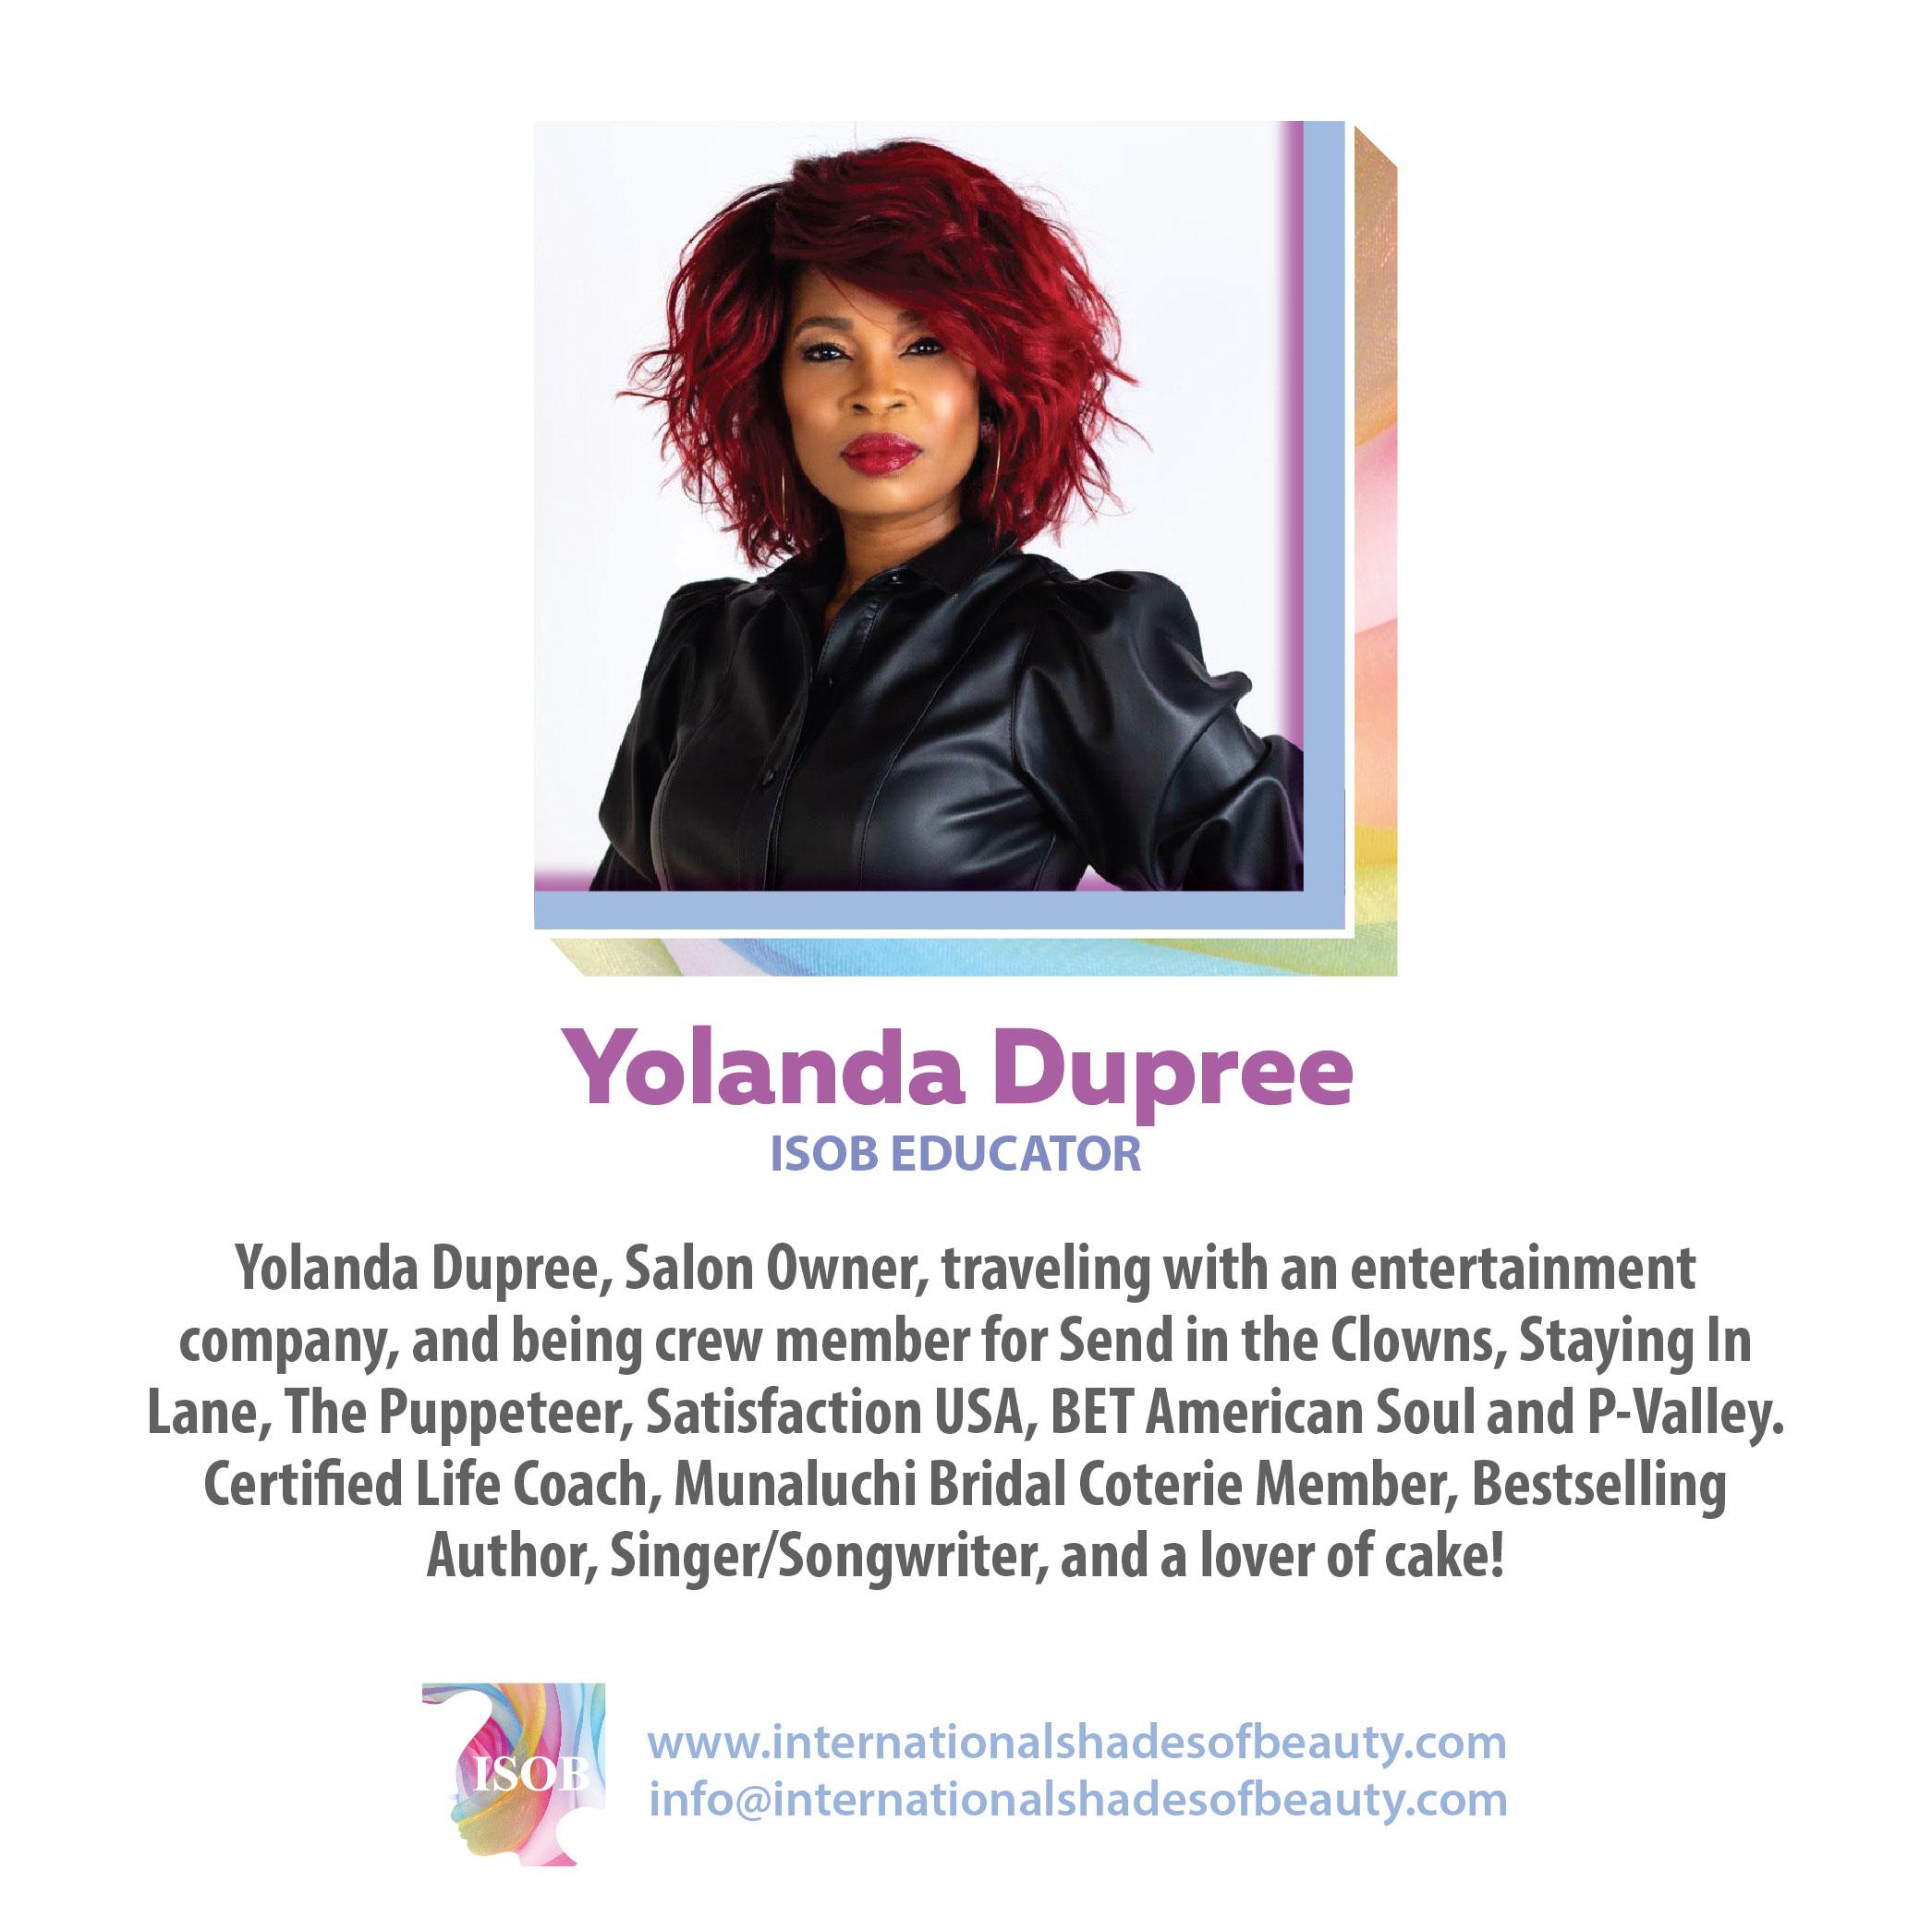 ISOB-4th•_Yolanda Dupree